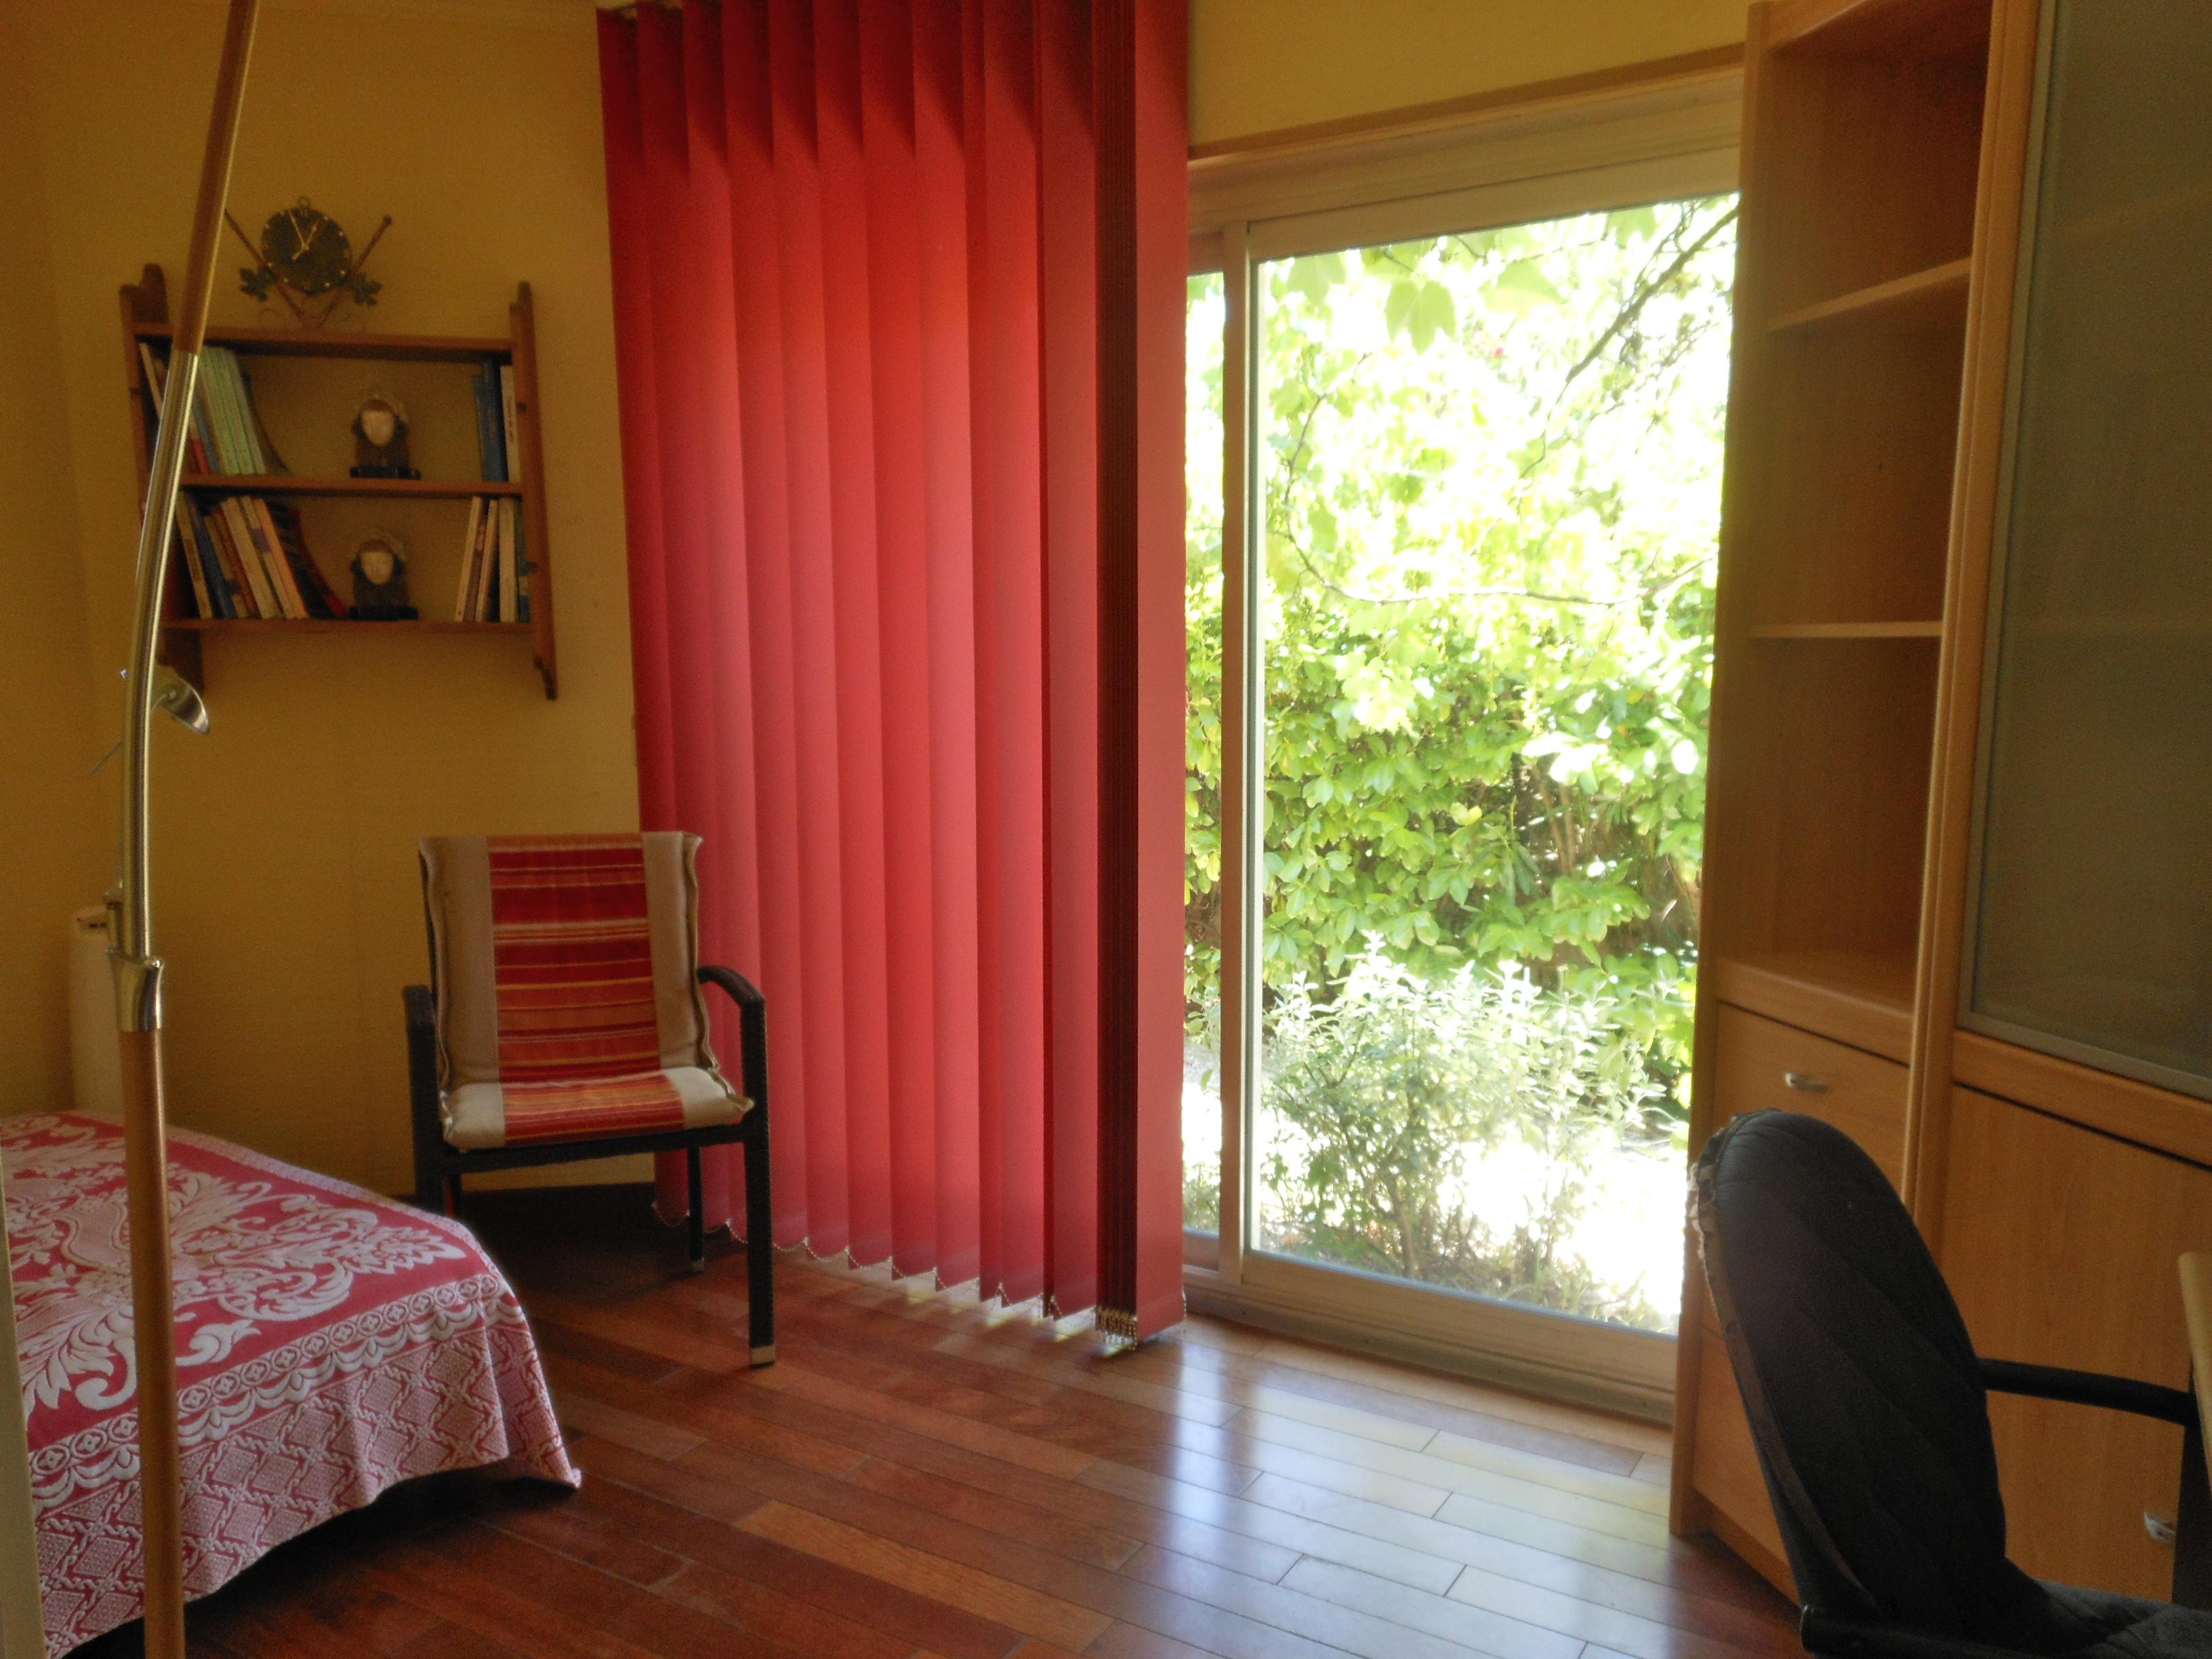 Colocation senior loue 2 chambres dans appartement en rdc d 39 une villa - Appartement avec une chambre ...